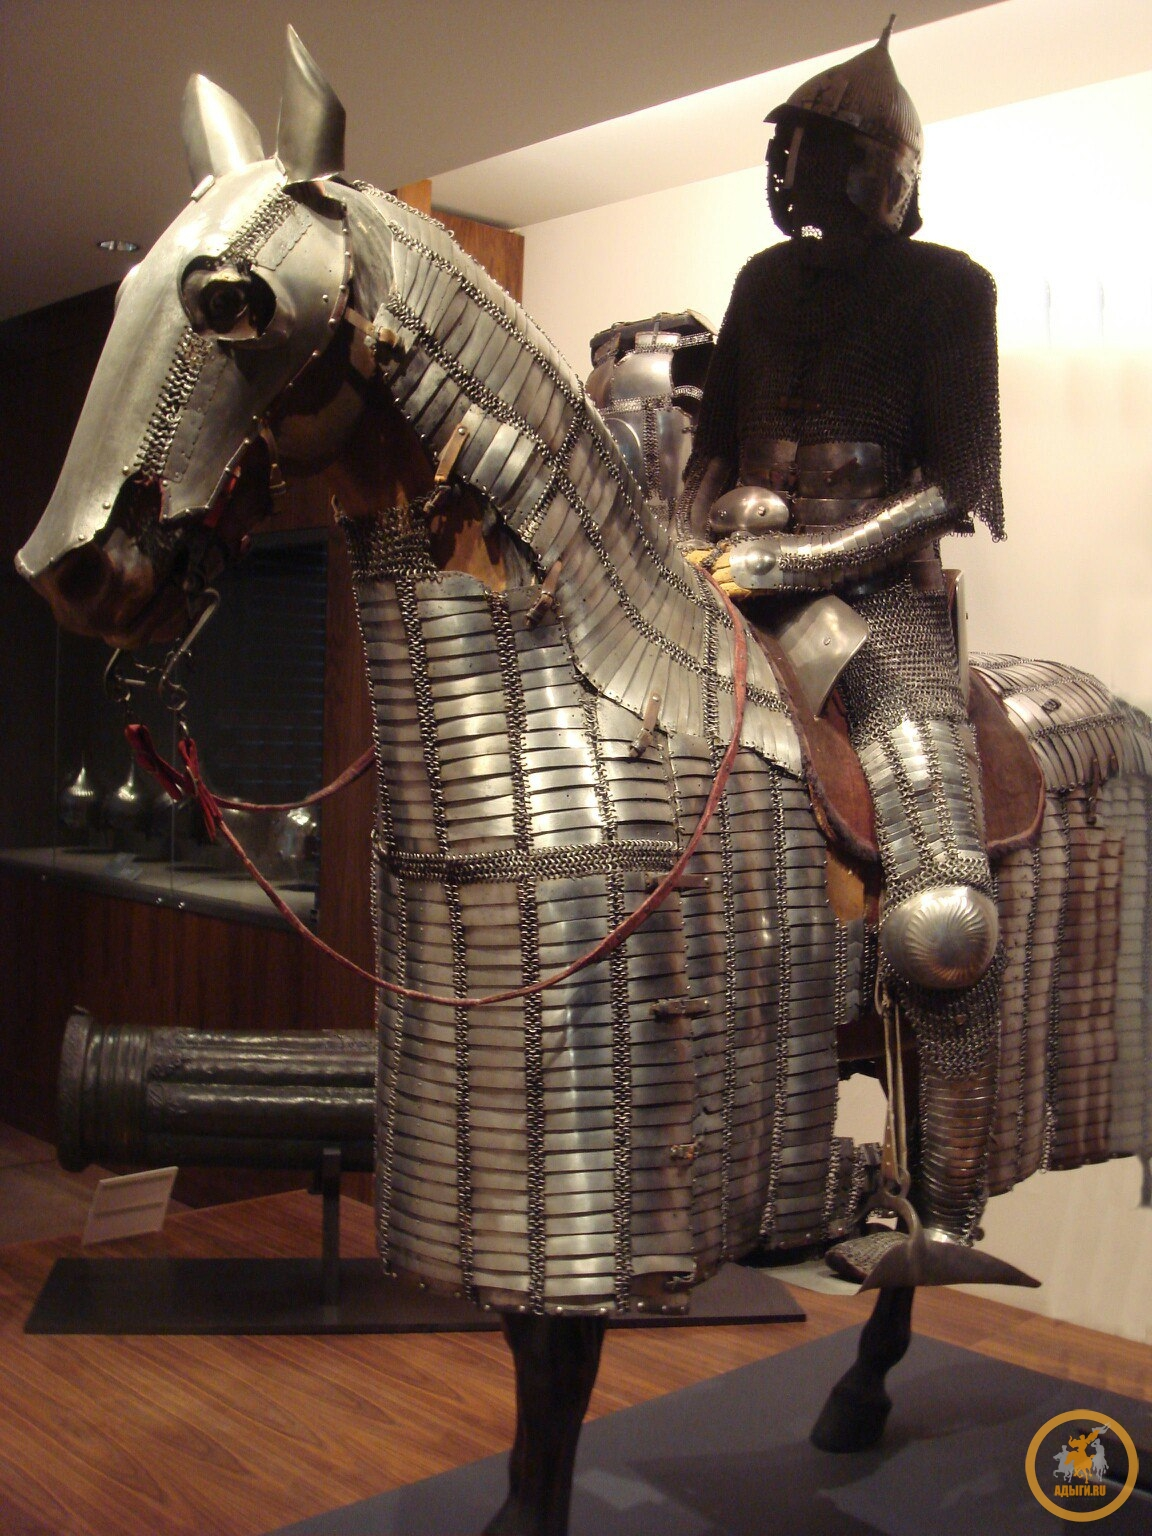 Второй мамлюкской династией султанов Египта были бурджиты